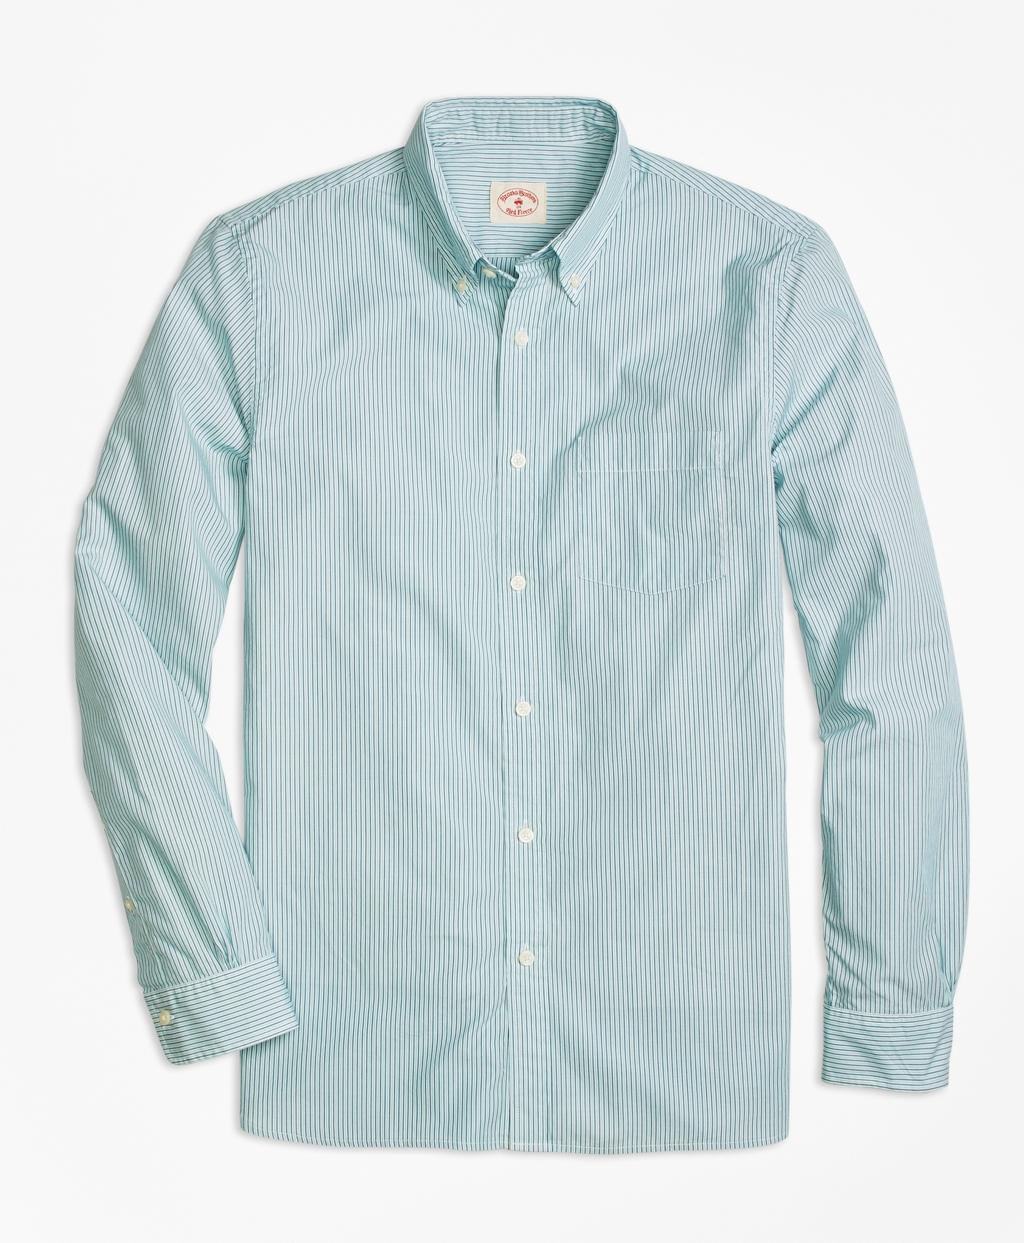 Lyst brooks brothers green stripe sport shirt in green for Brooks brothers sports shirts